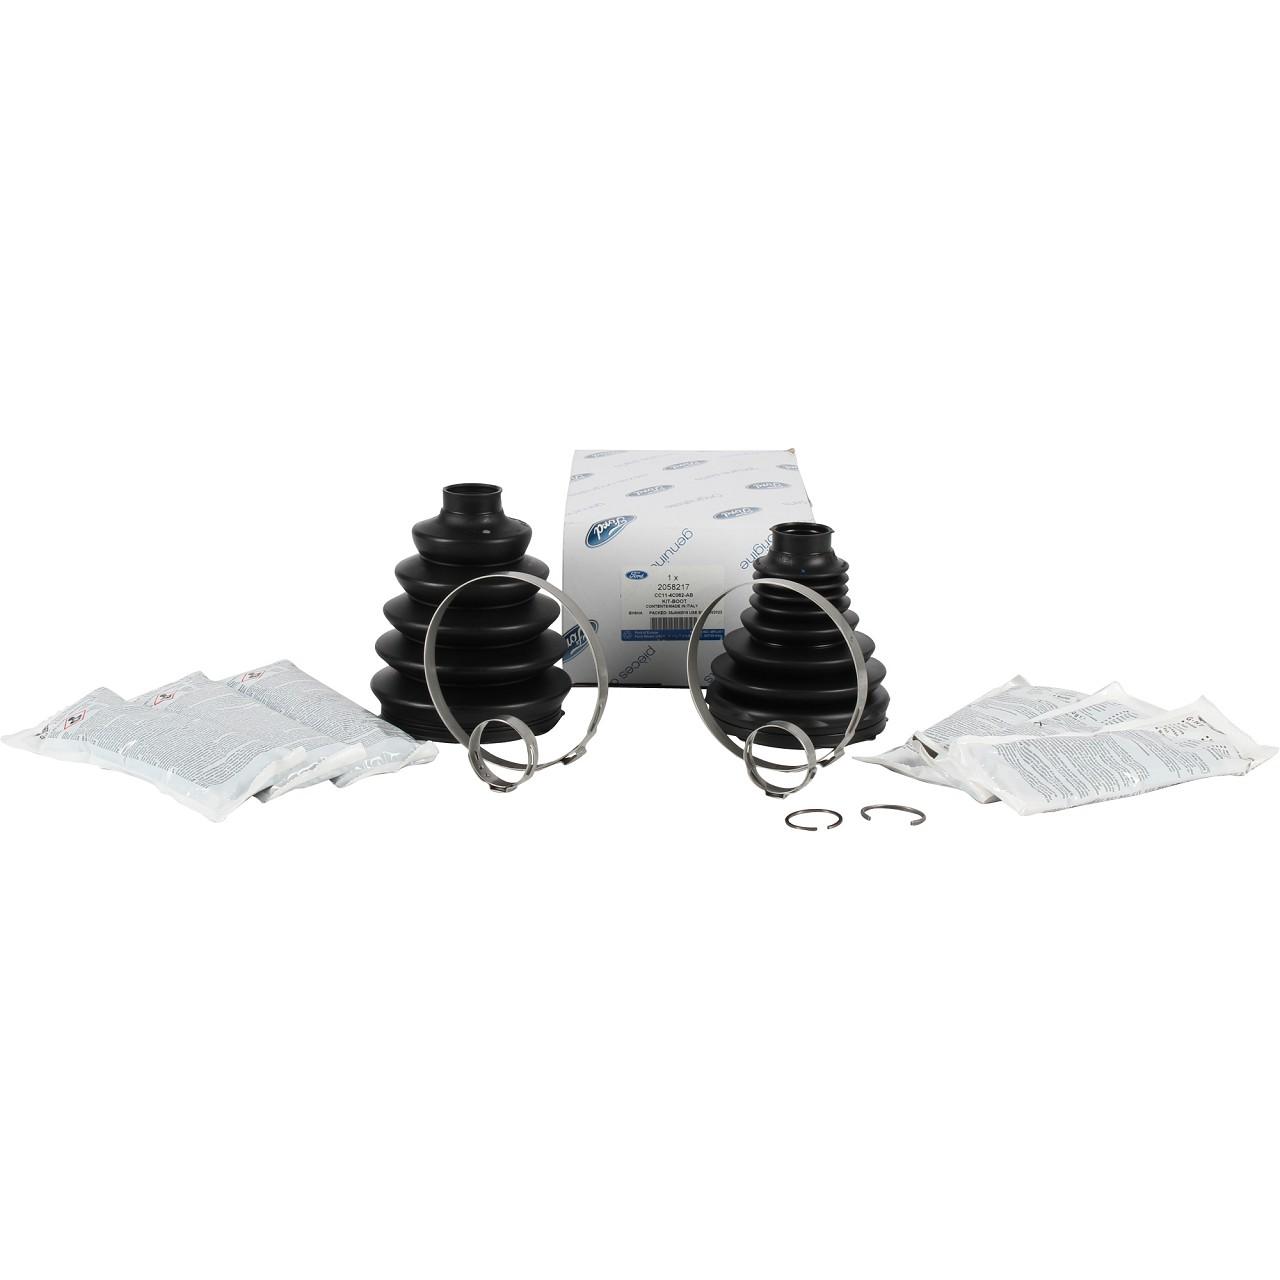 ORIGINAL Ford Achsmanschetten Satz TRANSIT / TOURNEO vorne 2058217